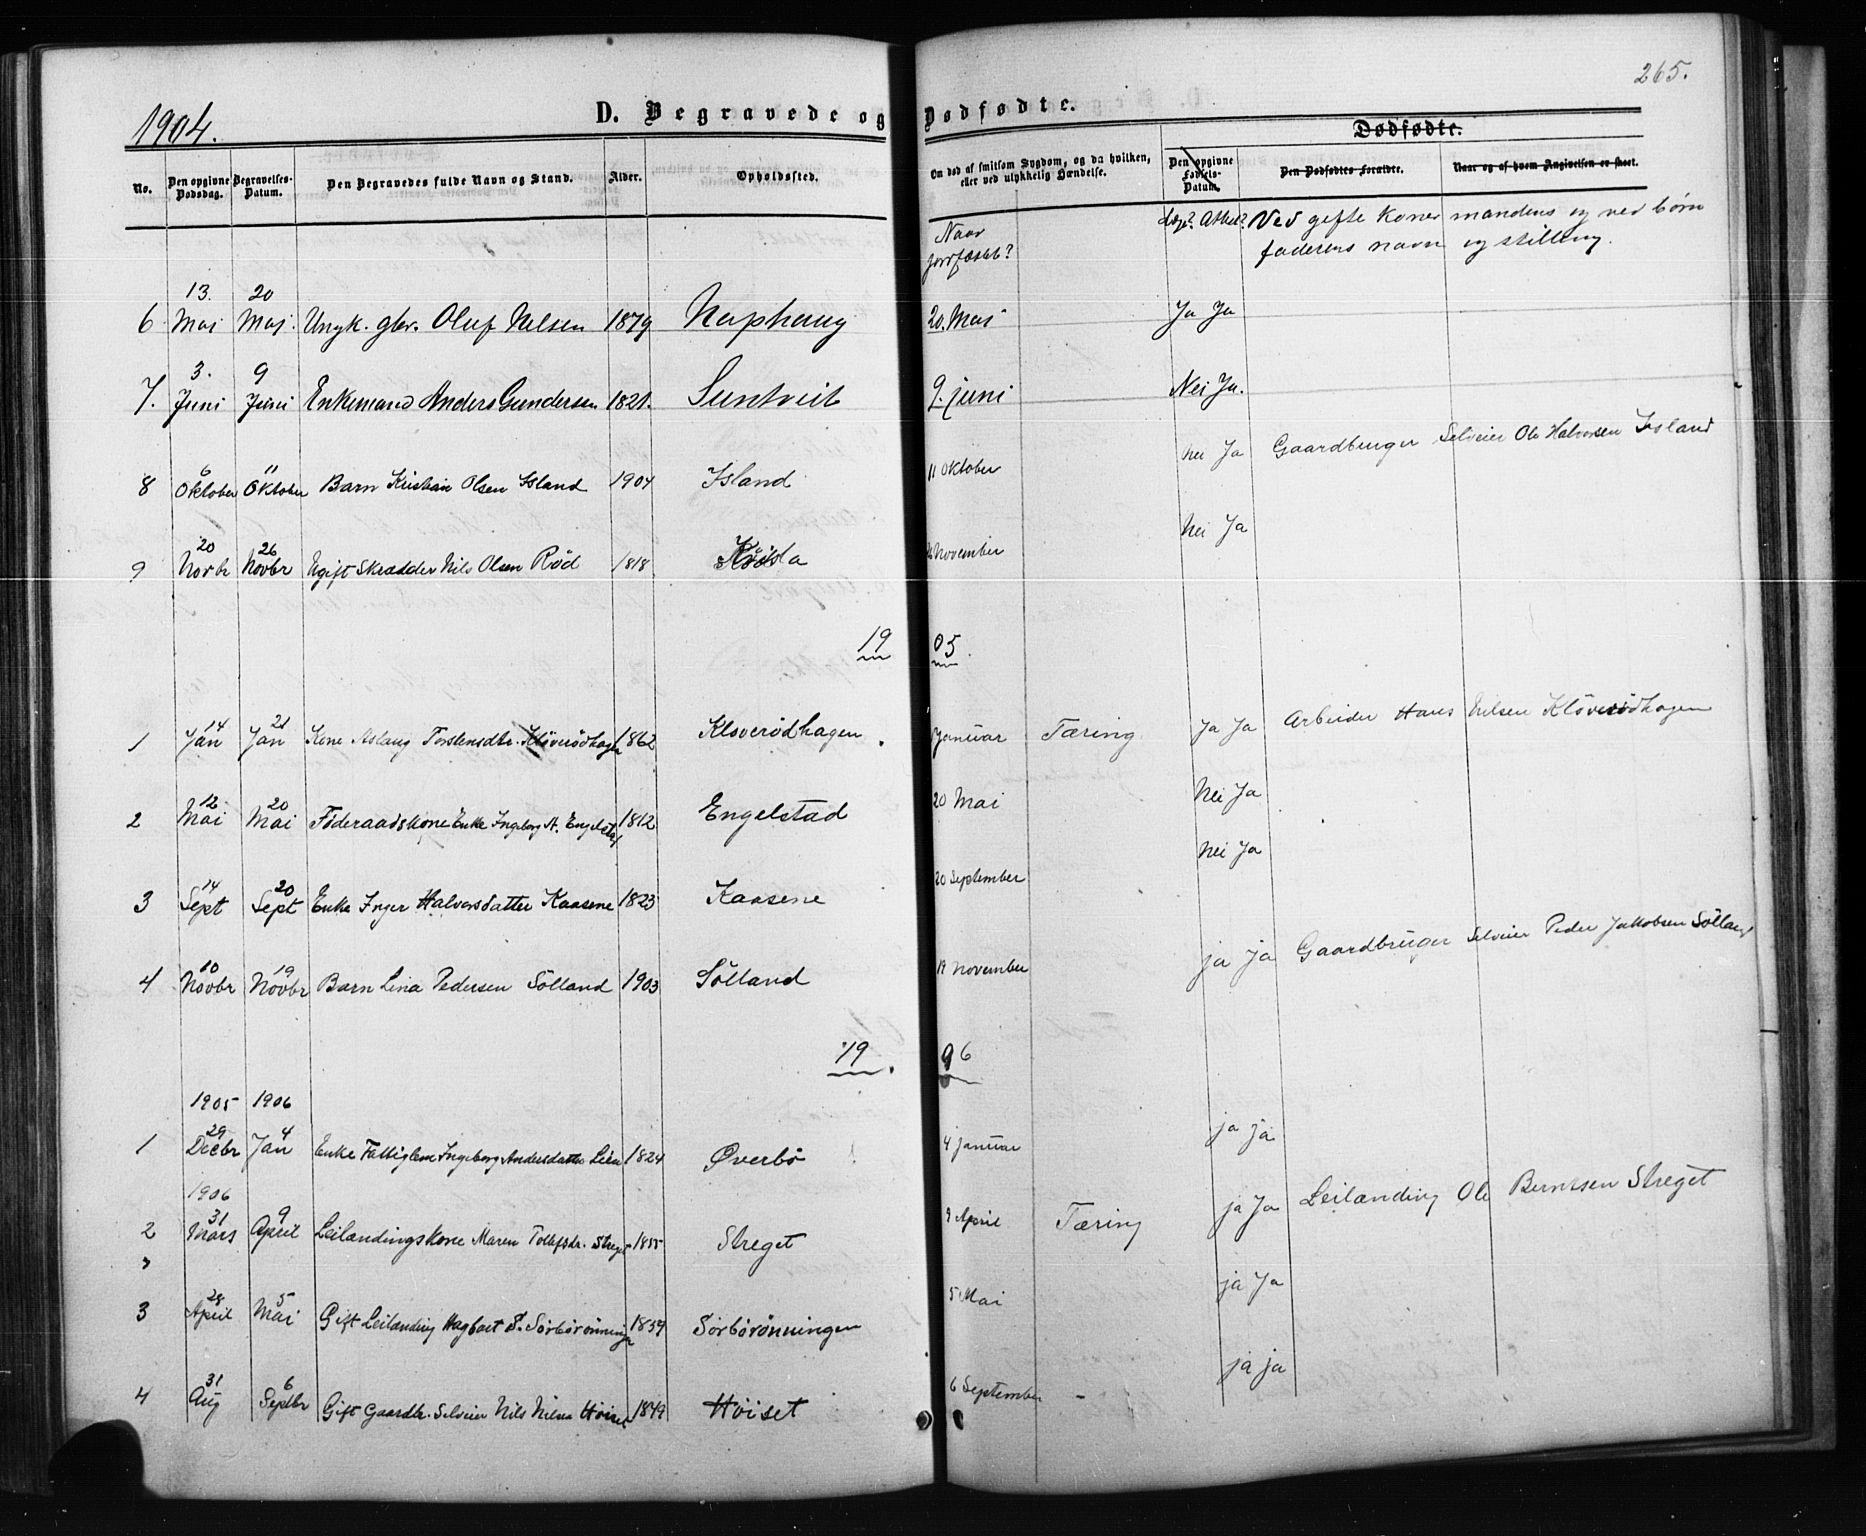 SAKO, Siljan kirkebøker, G/Ga/L0002: Klokkerbok nr. 2, 1864-1908, s. 265